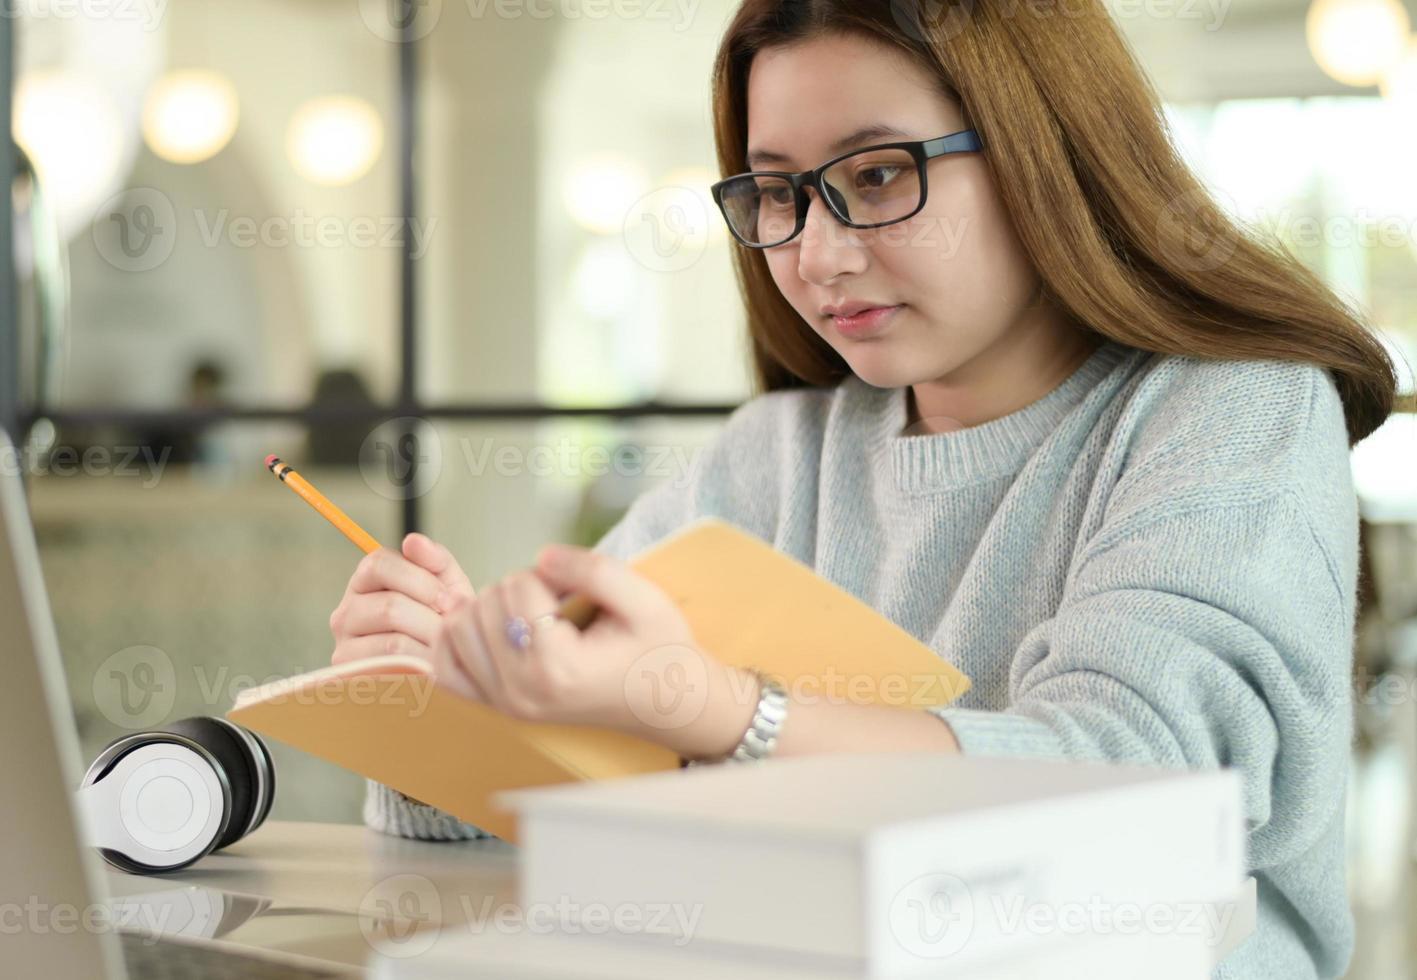 studentessa adolescente con gli occhiali sta studiando online dal computer portatile. foto